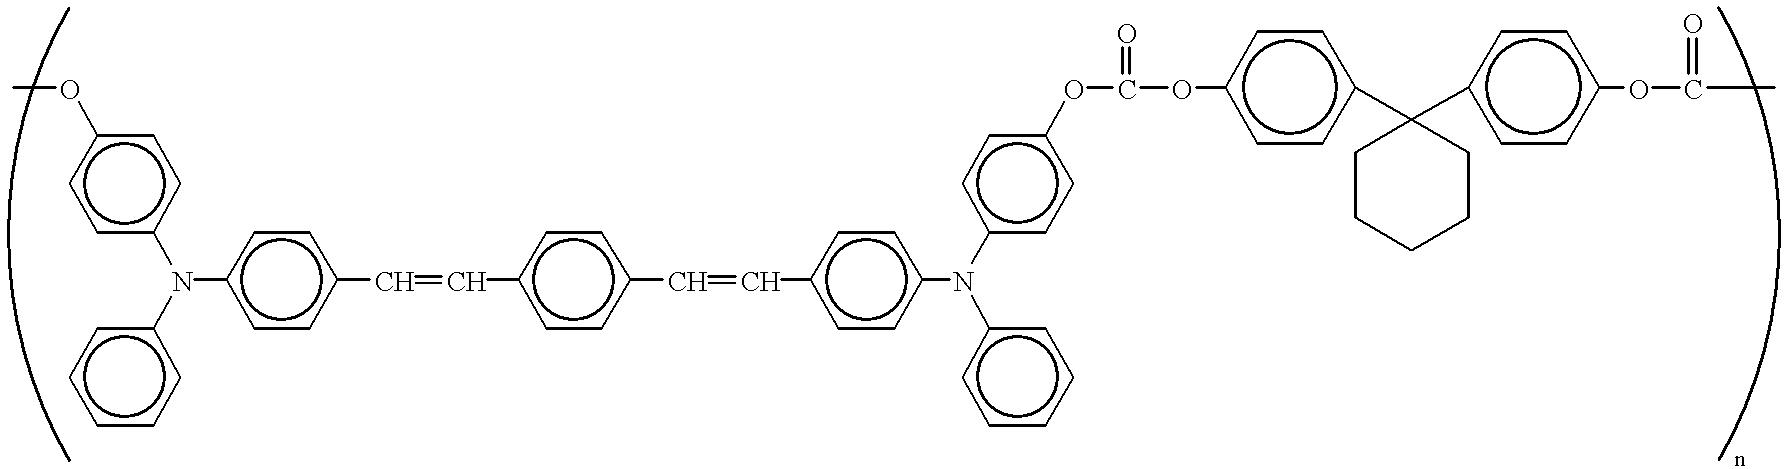 Figure US06558863-20030506-C00054